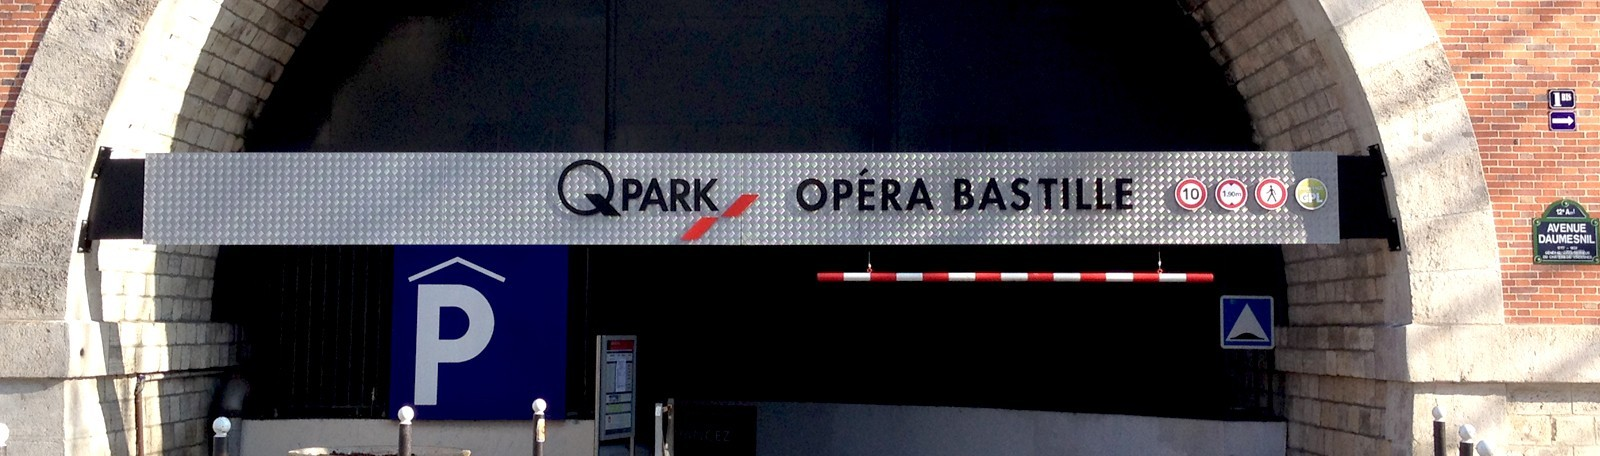 Car park Opéra Bastille - Park in Paris | Q-Park